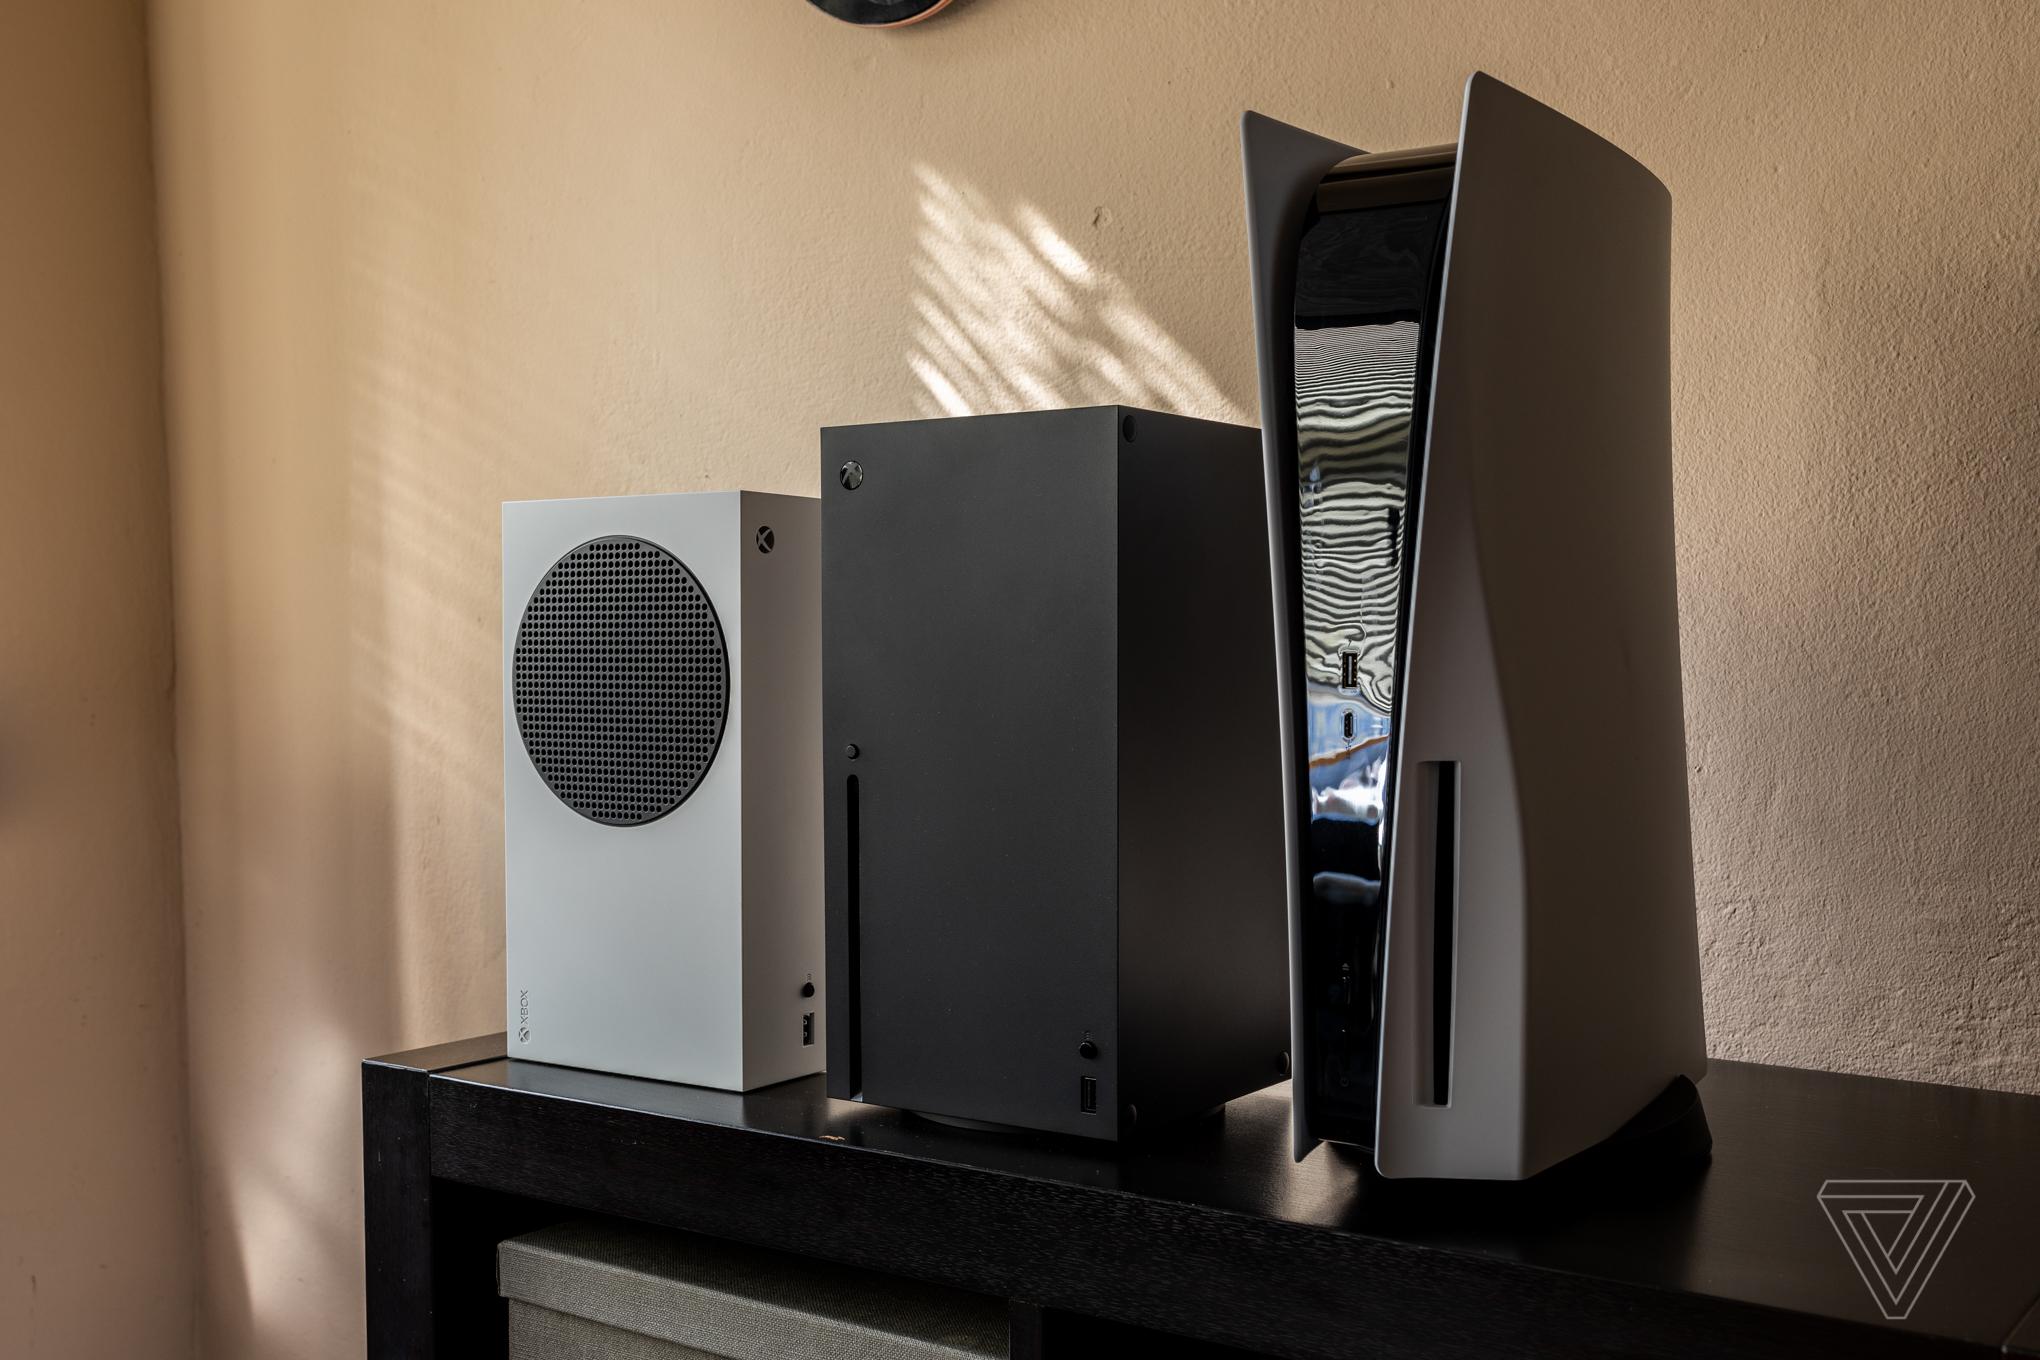 Microsoft comenzó a fabricar las Xbox Series X|S más tarde que Sony a cambio de una ventaja de AMD